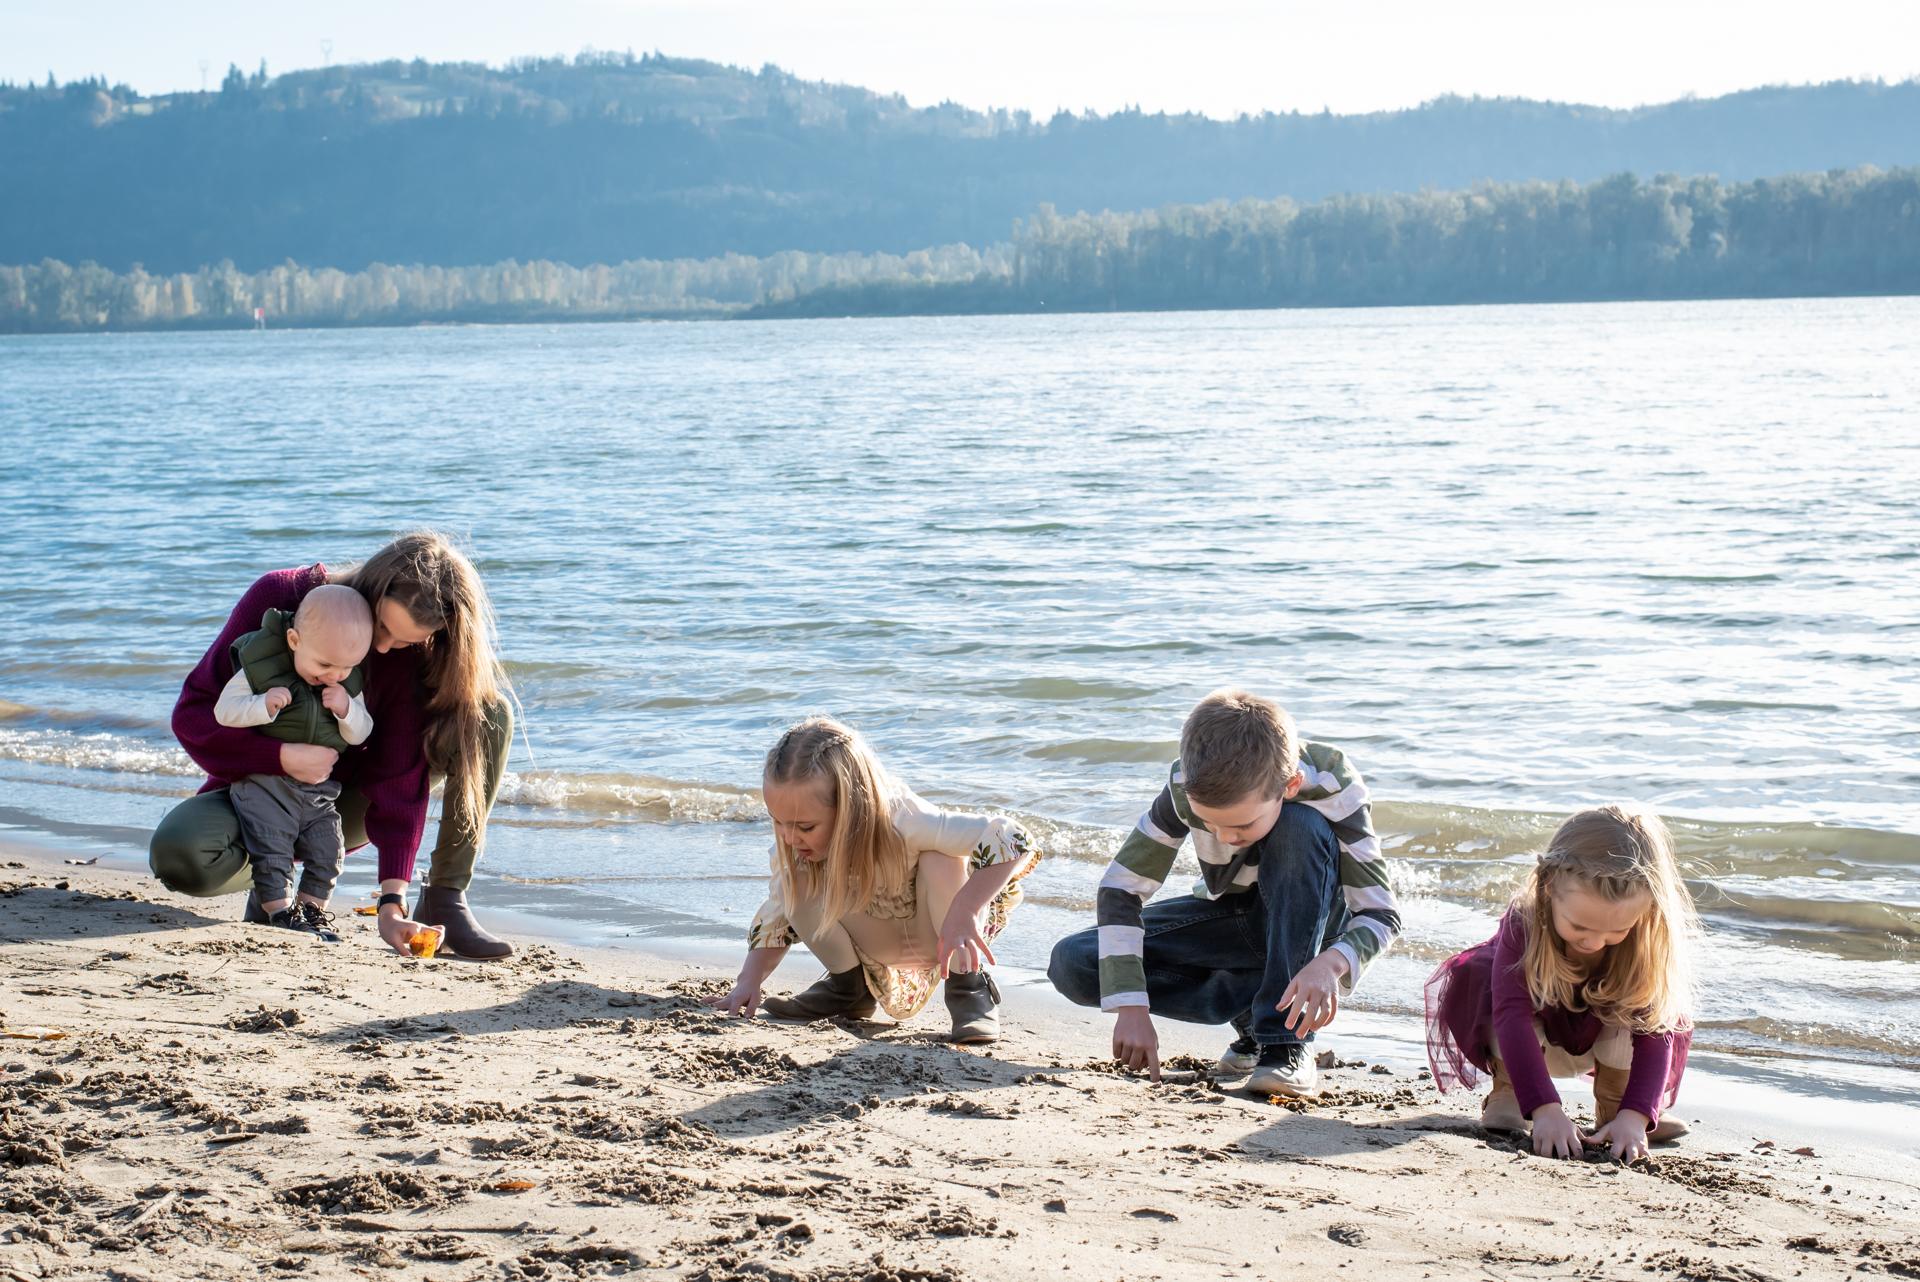 Kids-lifestyle-photography-cottonwood-beach-washougal-washington